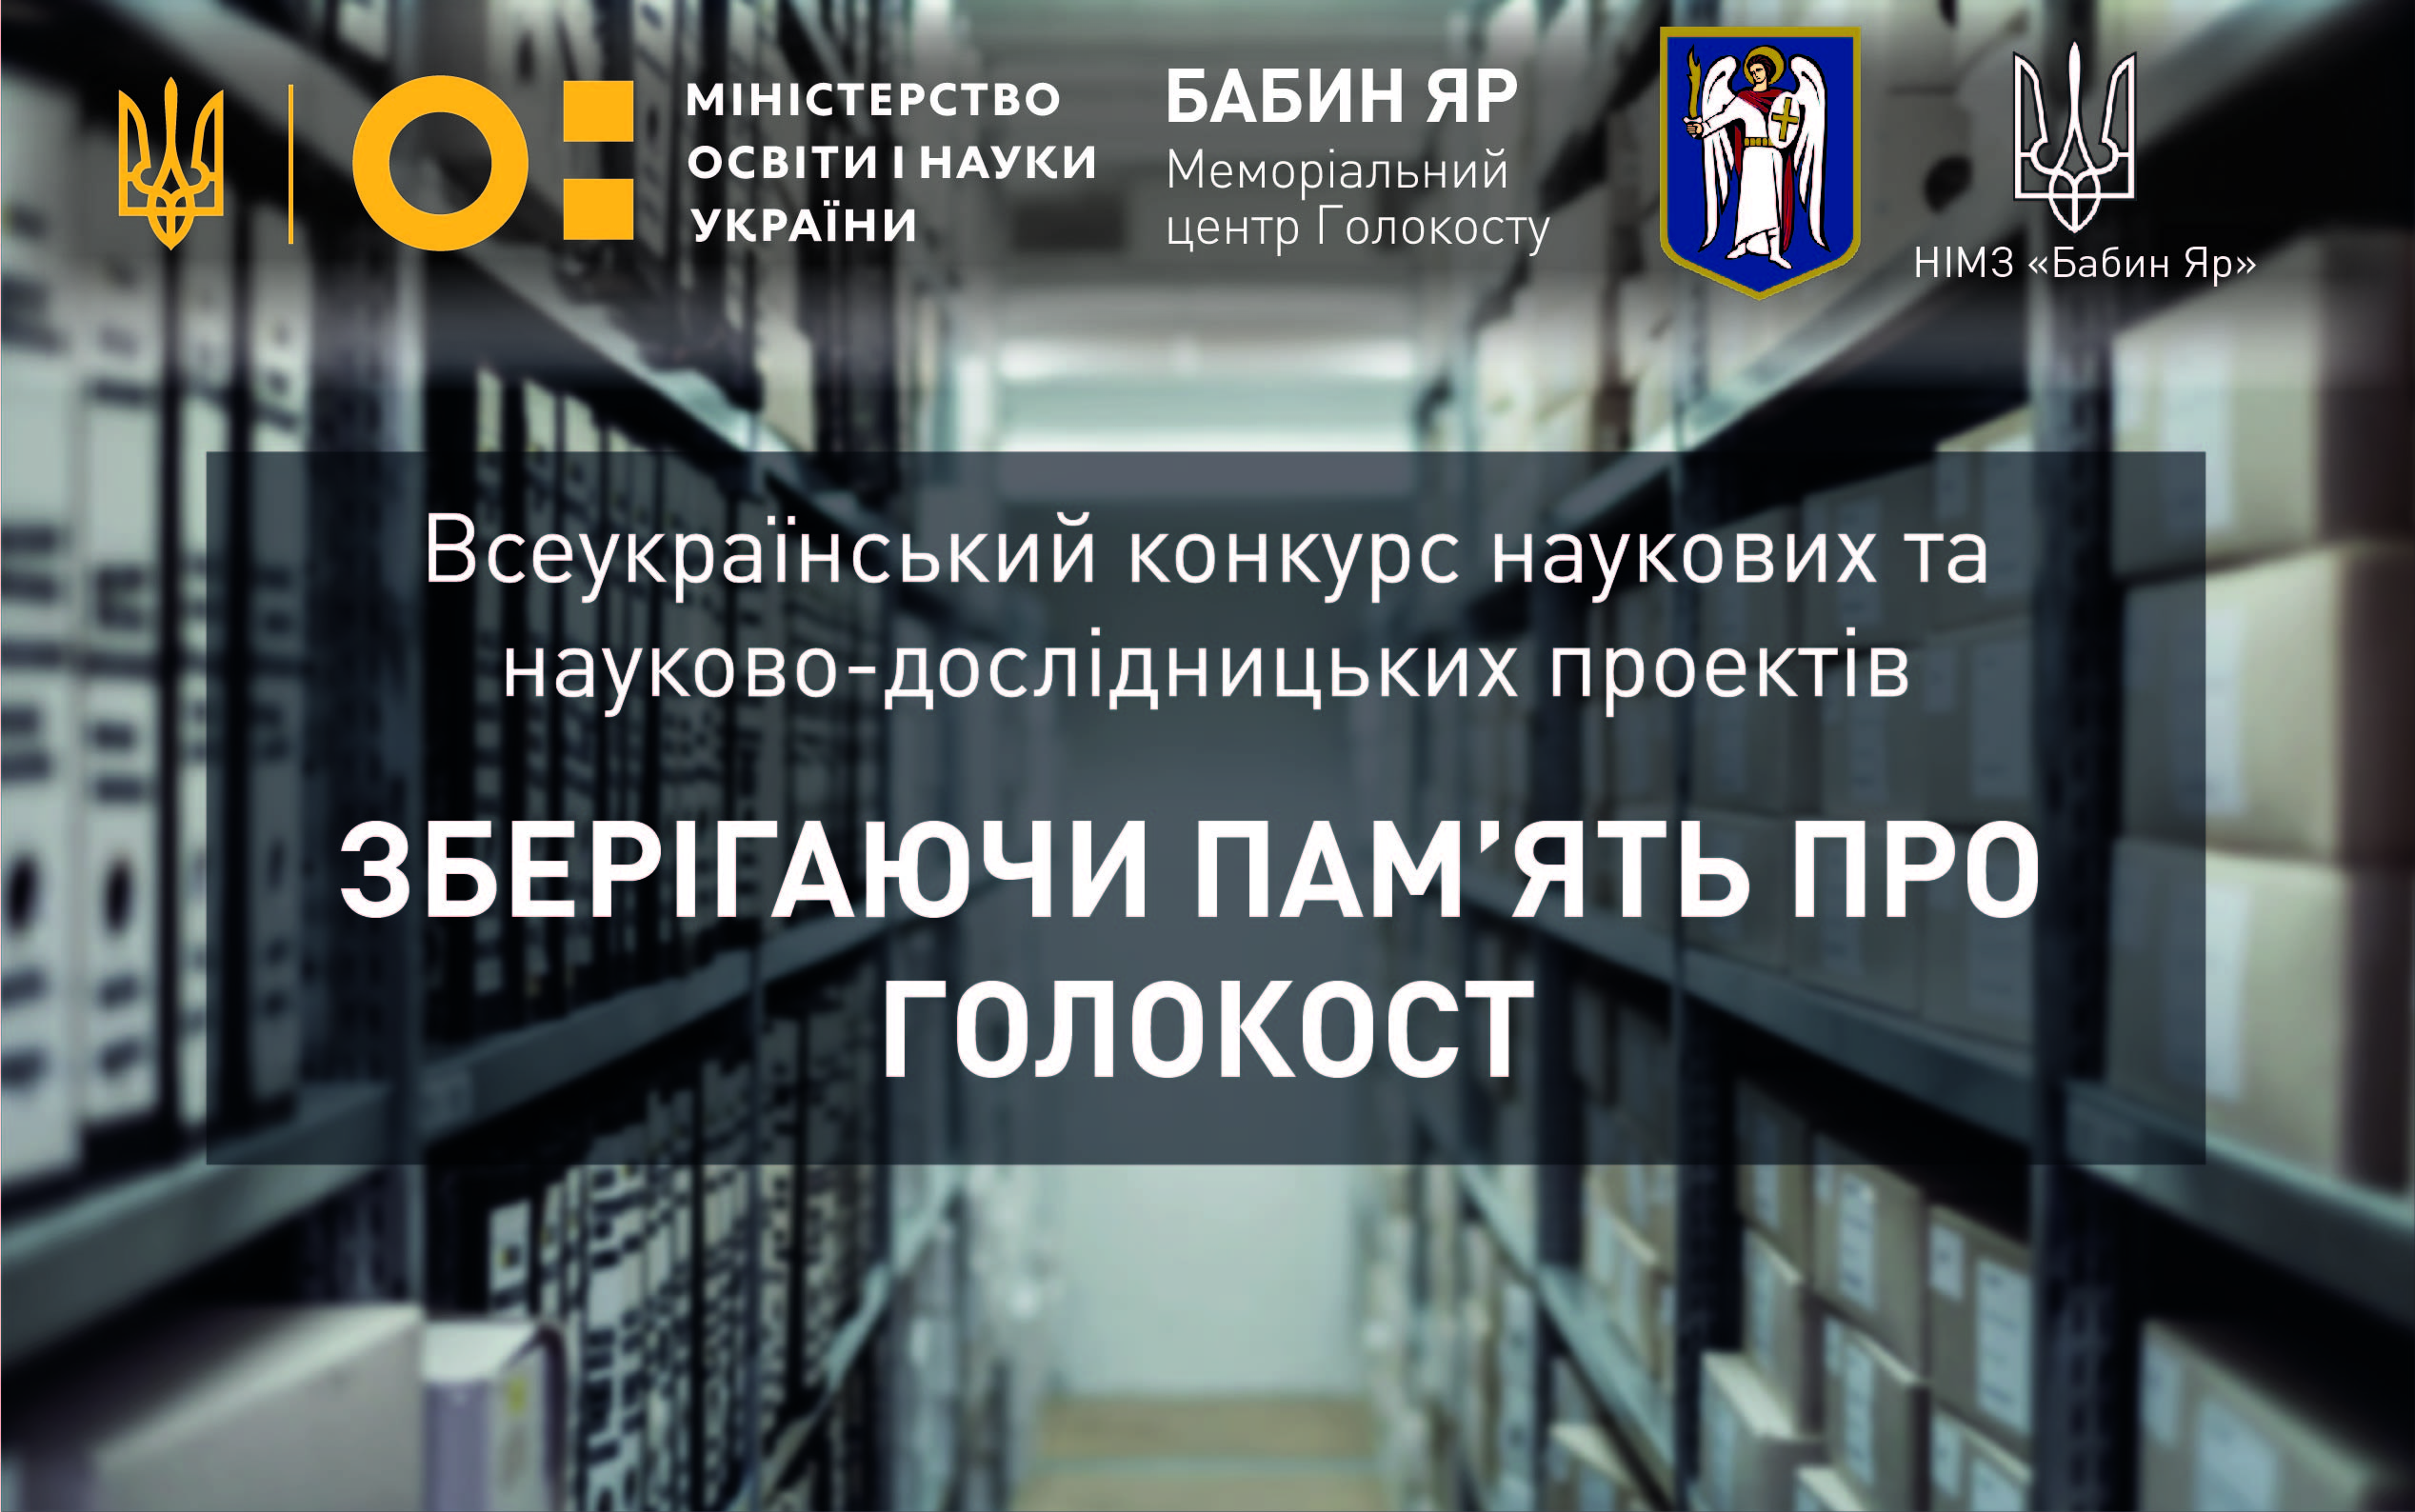 Меморіальний центр Голокосту «Бабин Яр»